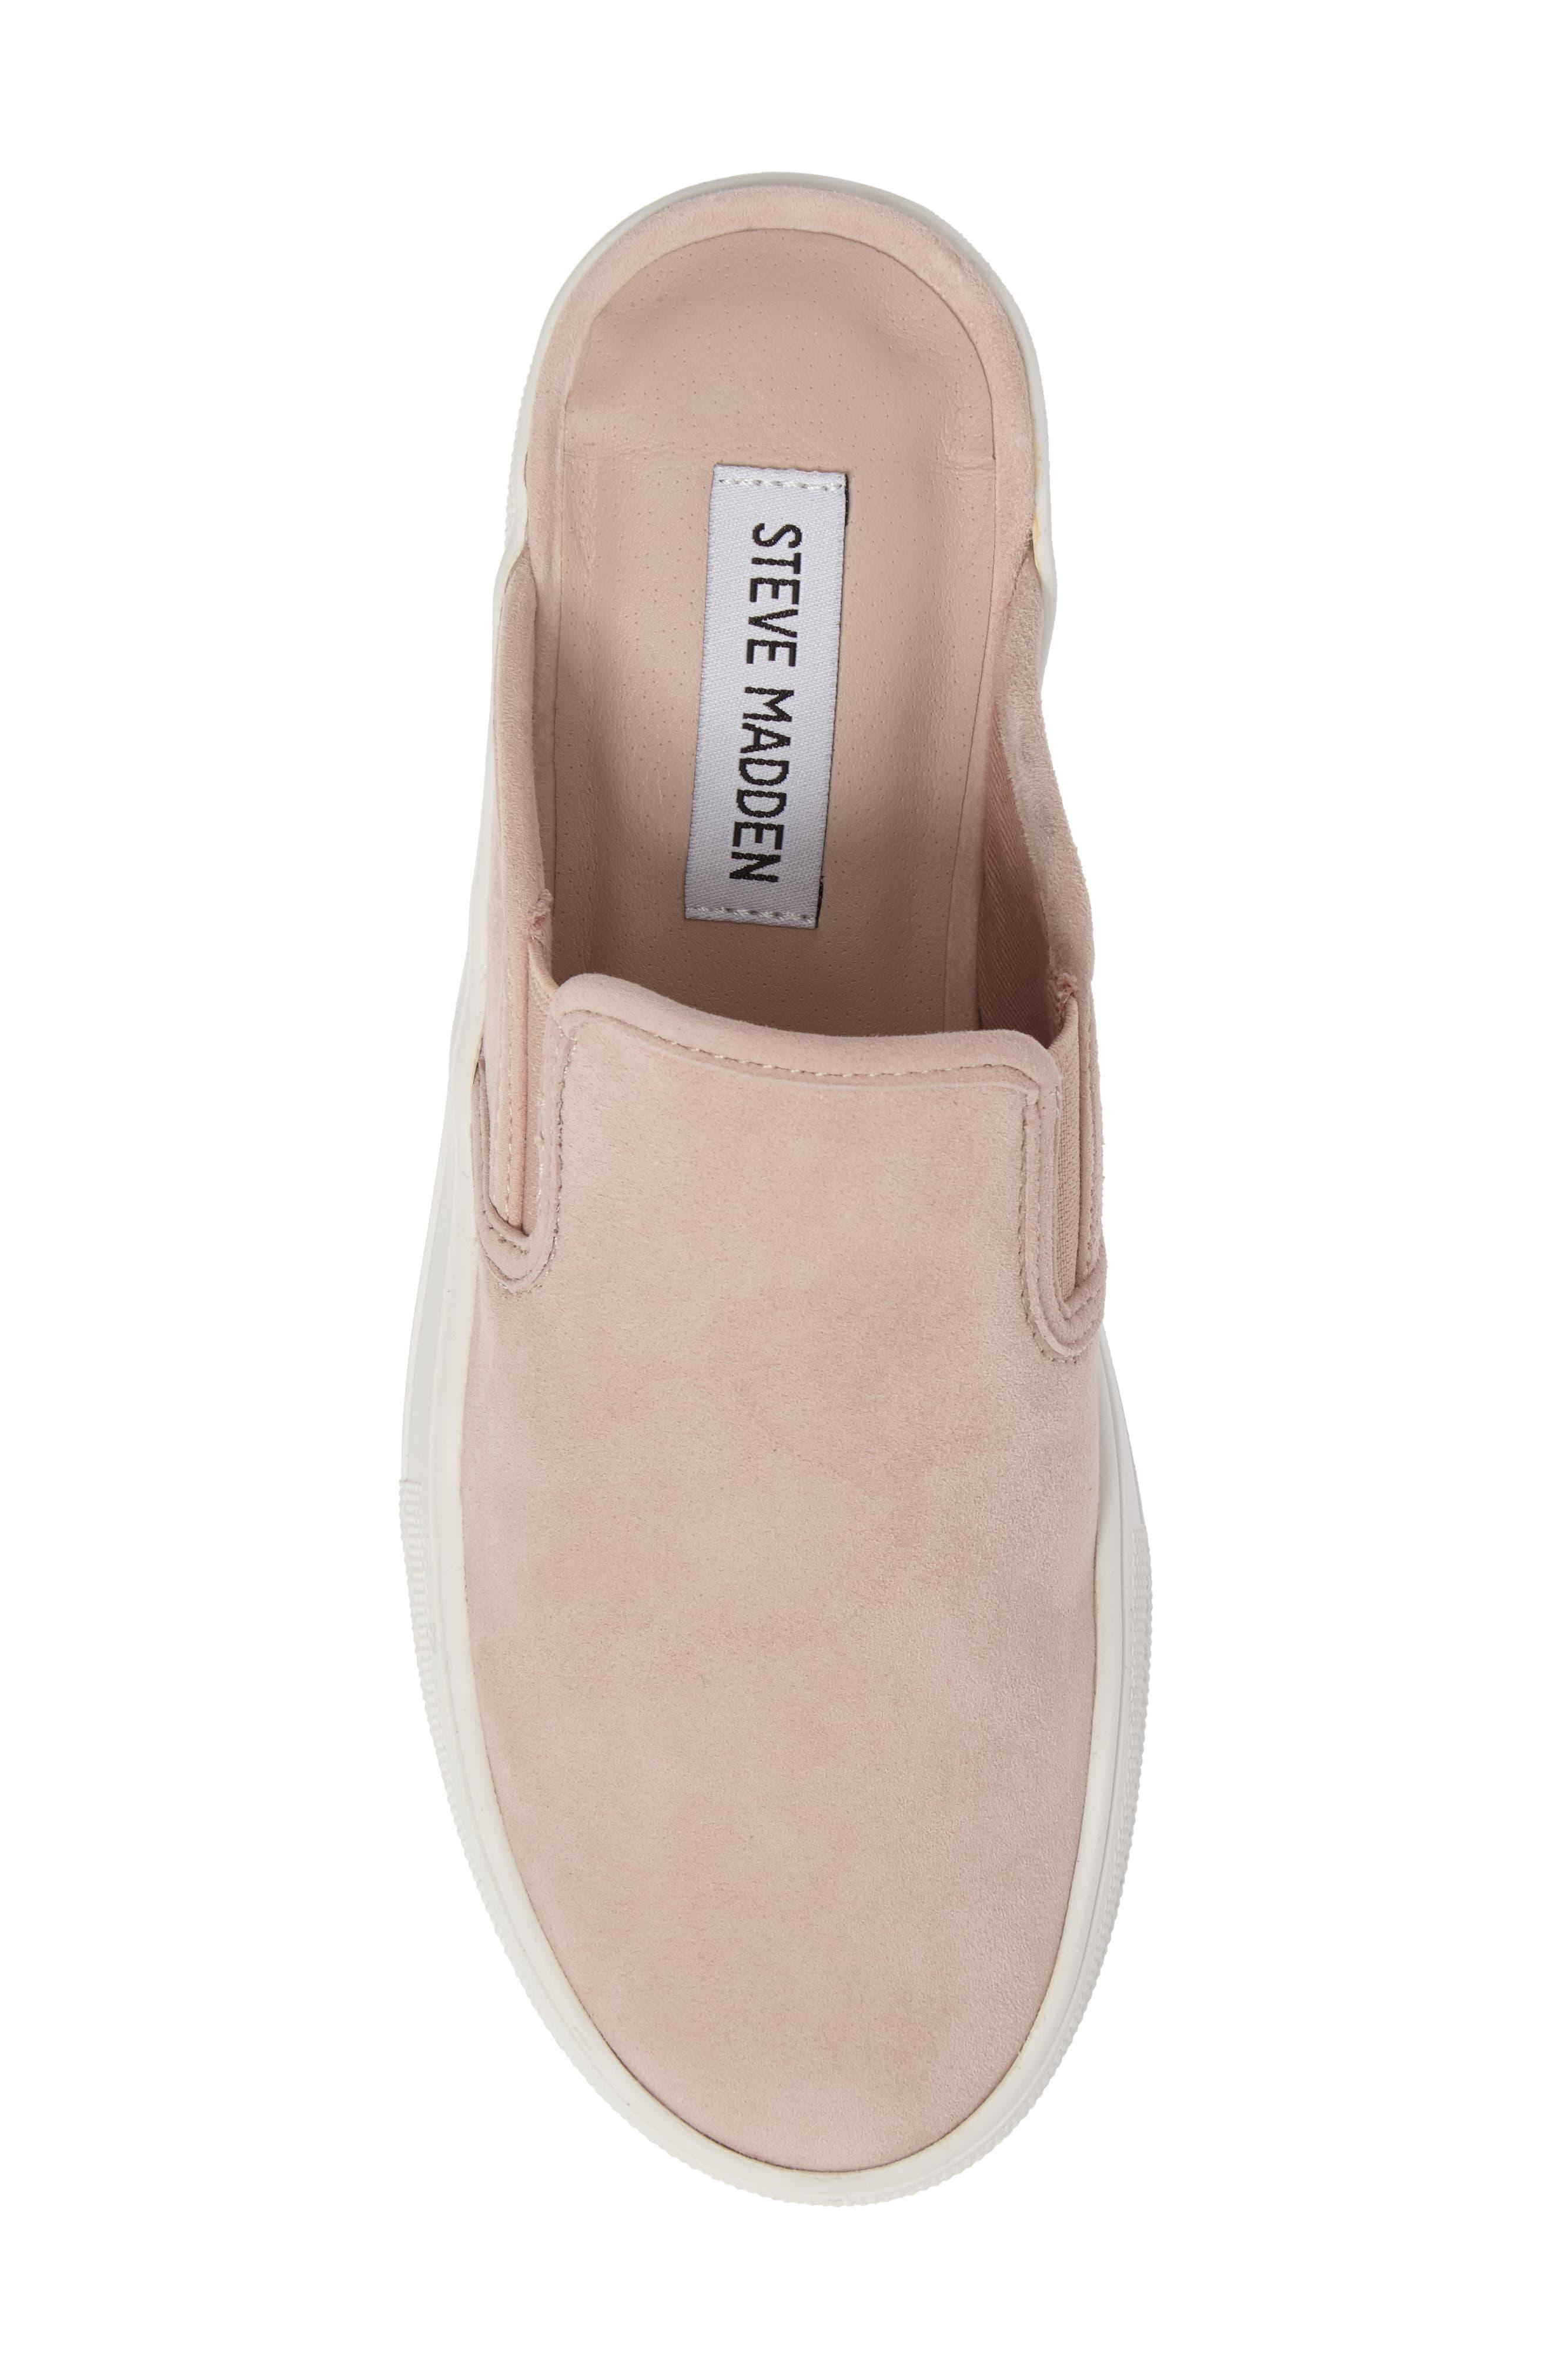 Glenda Sneaker Mule,                             Alternate thumbnail 5, color,                             Light Pink